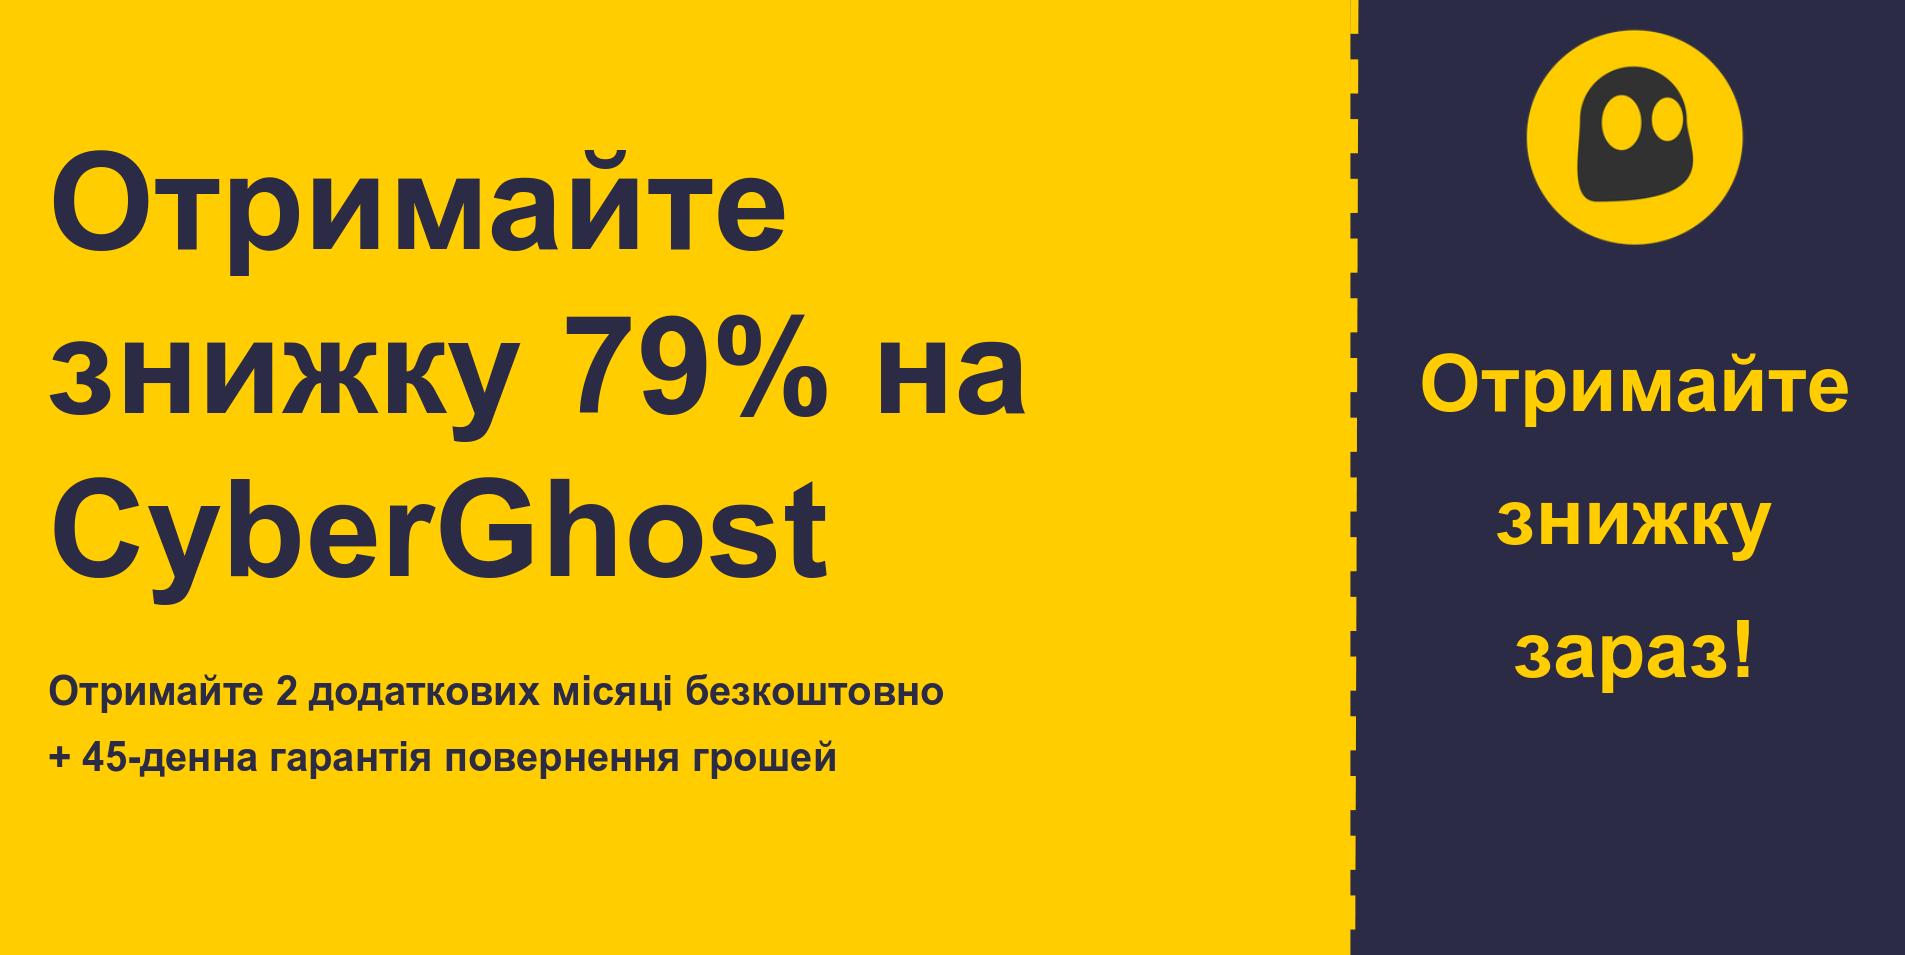 зображення основного банера купона CyberGhostVPN, що показує знижку 79%